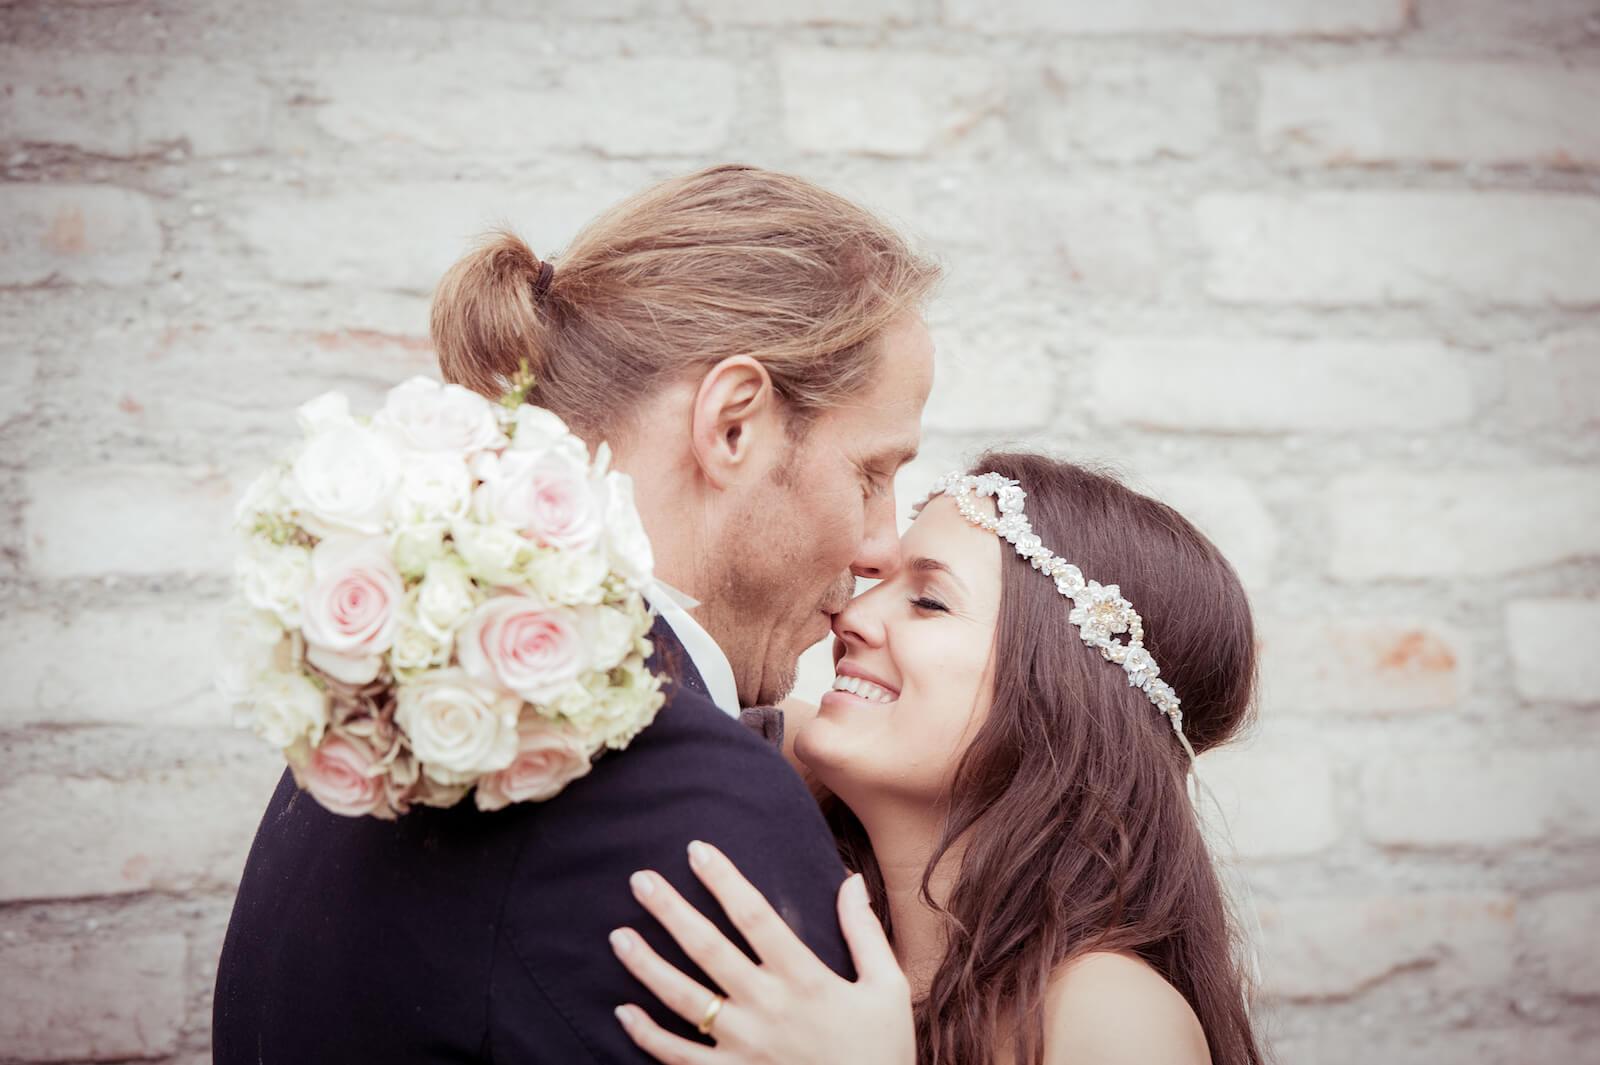 Hochzeit Bohostyle Landsberg - Bräutigam küsst Braut auf die Nase